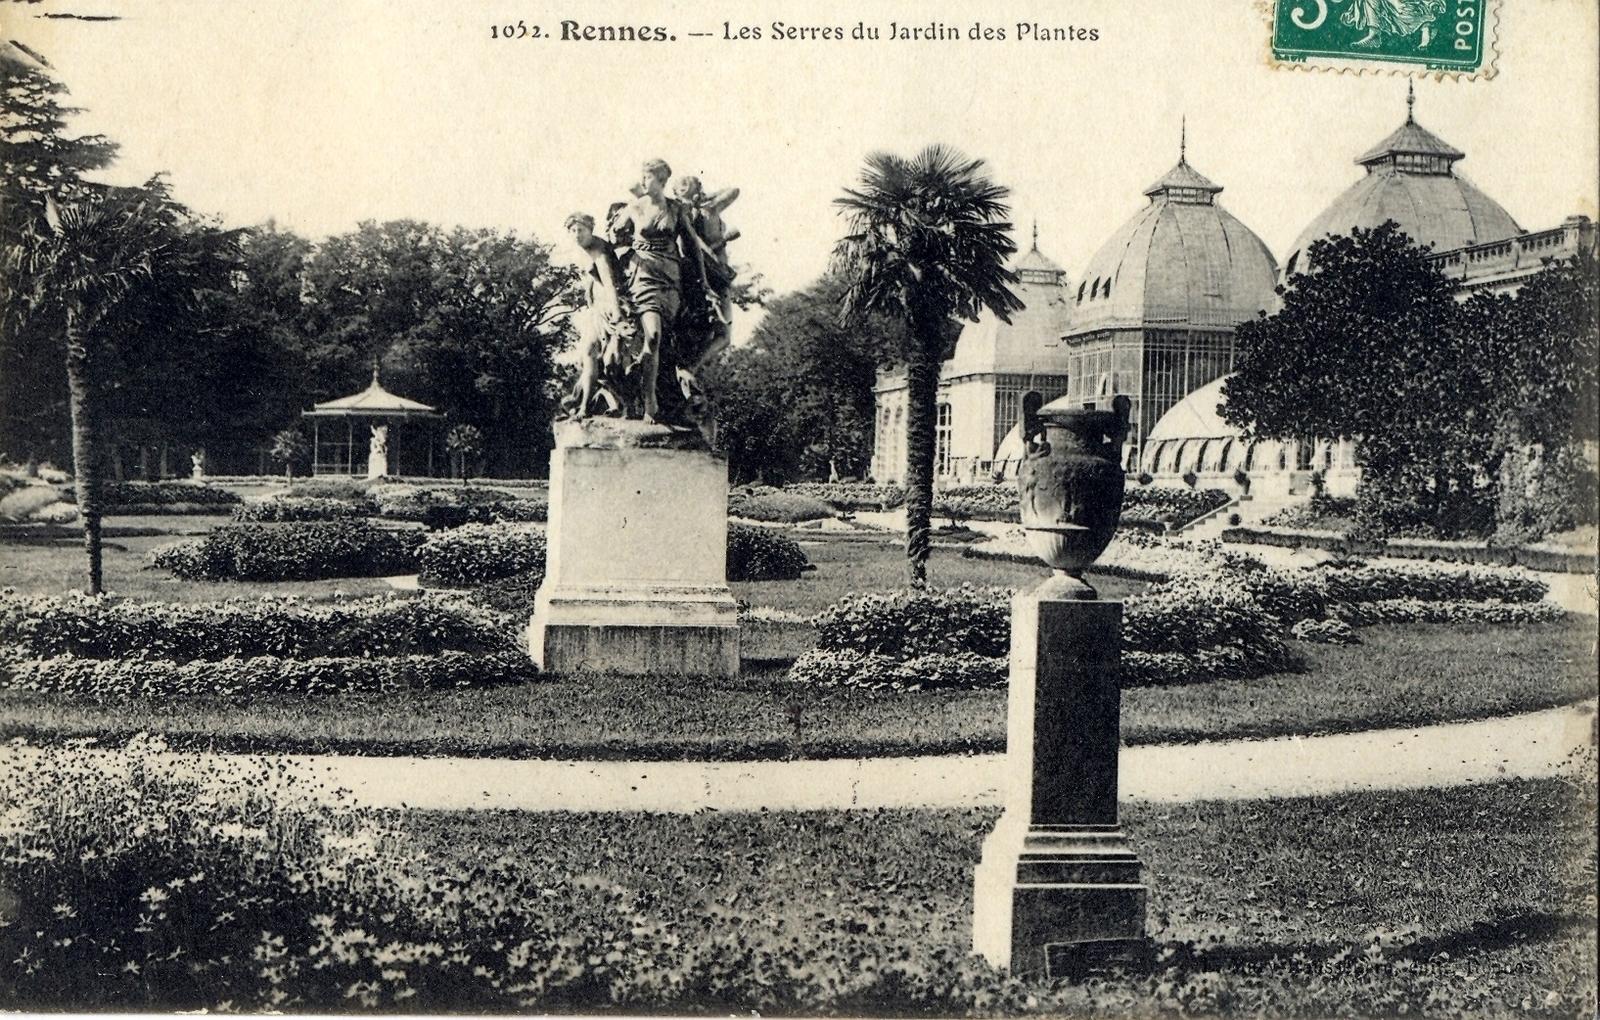 Rennes - Les serres du jardin des plantes - Carte postale ...